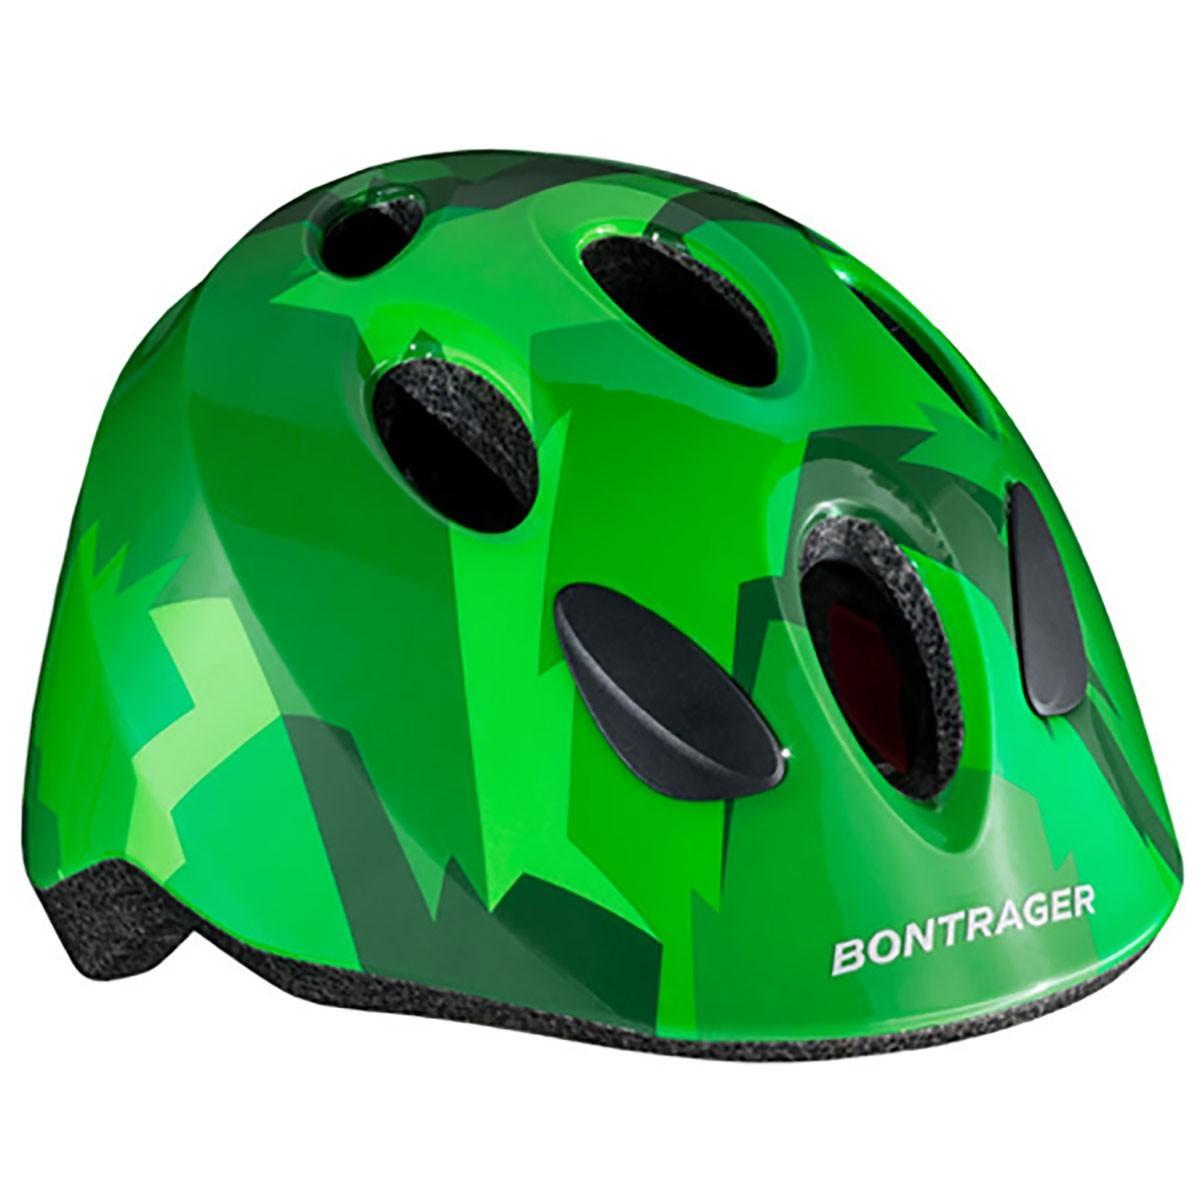 BONTRAGER BIG DIPPER Green - Изображение - AQUAMATRIX